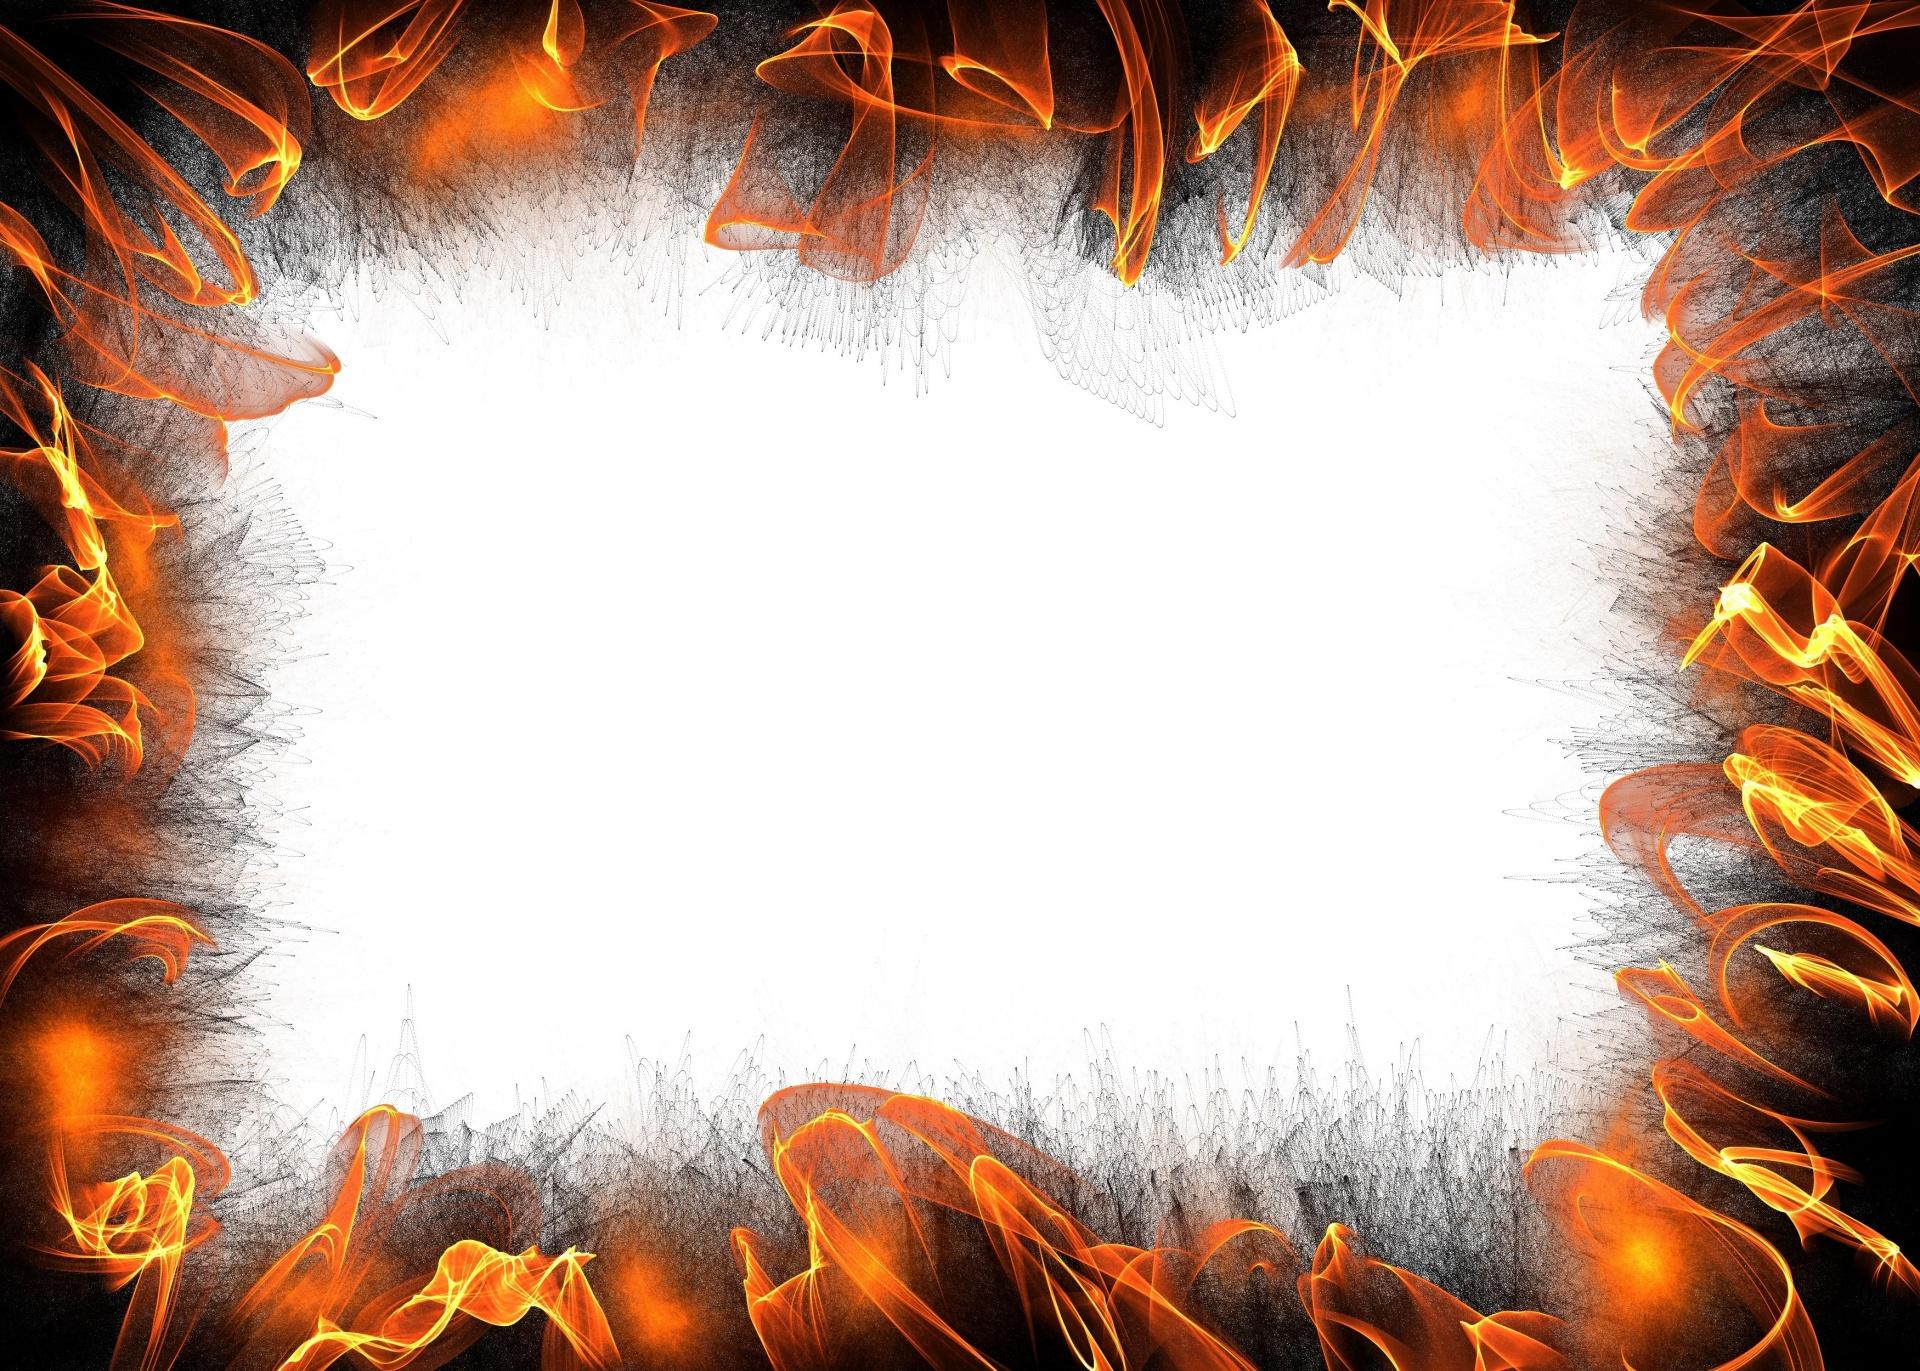 картинки огненных рамок культура